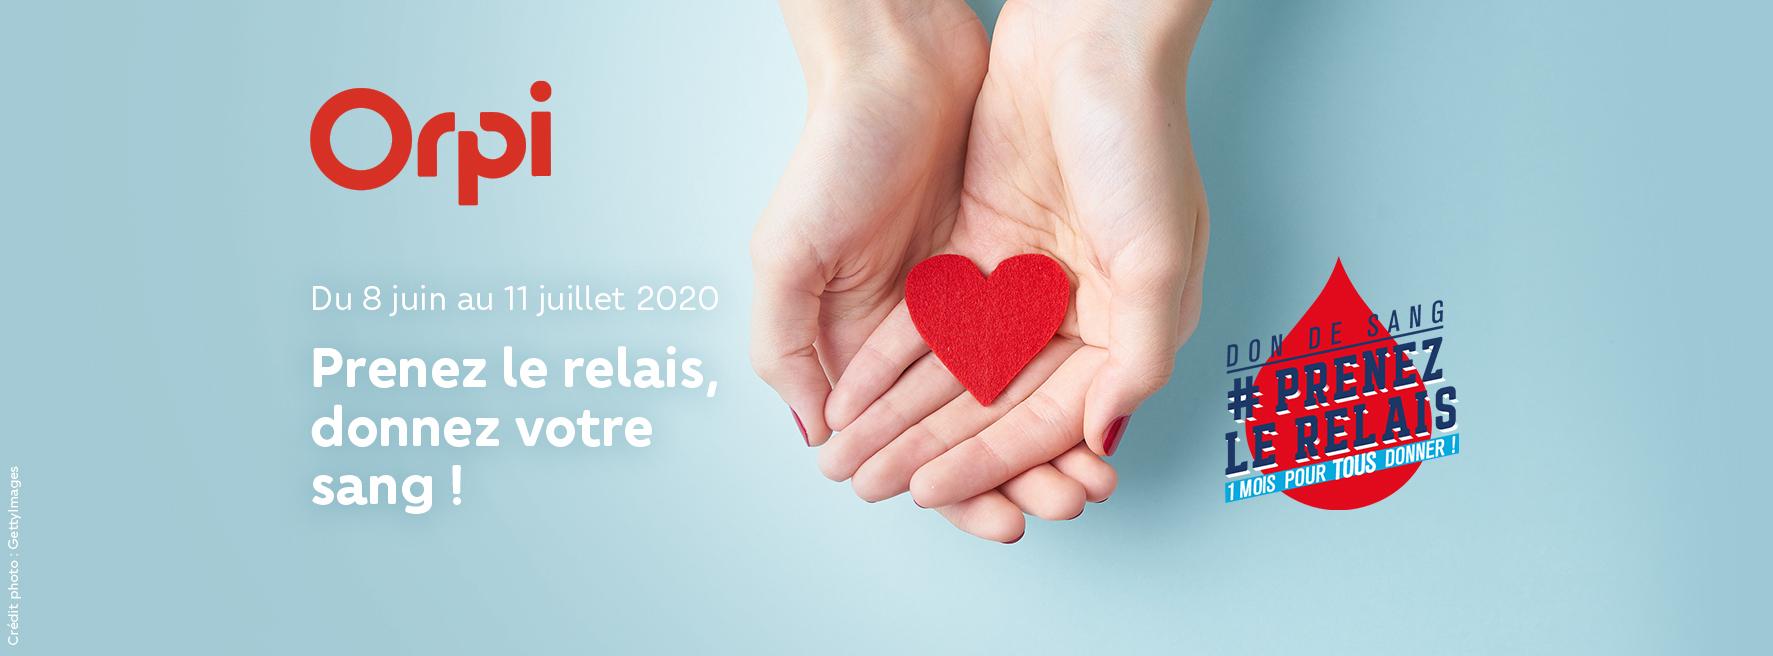 #prenezlerelais : Orpi mobilisé aux côtés de l'EFS pour promouvoir le don de sang